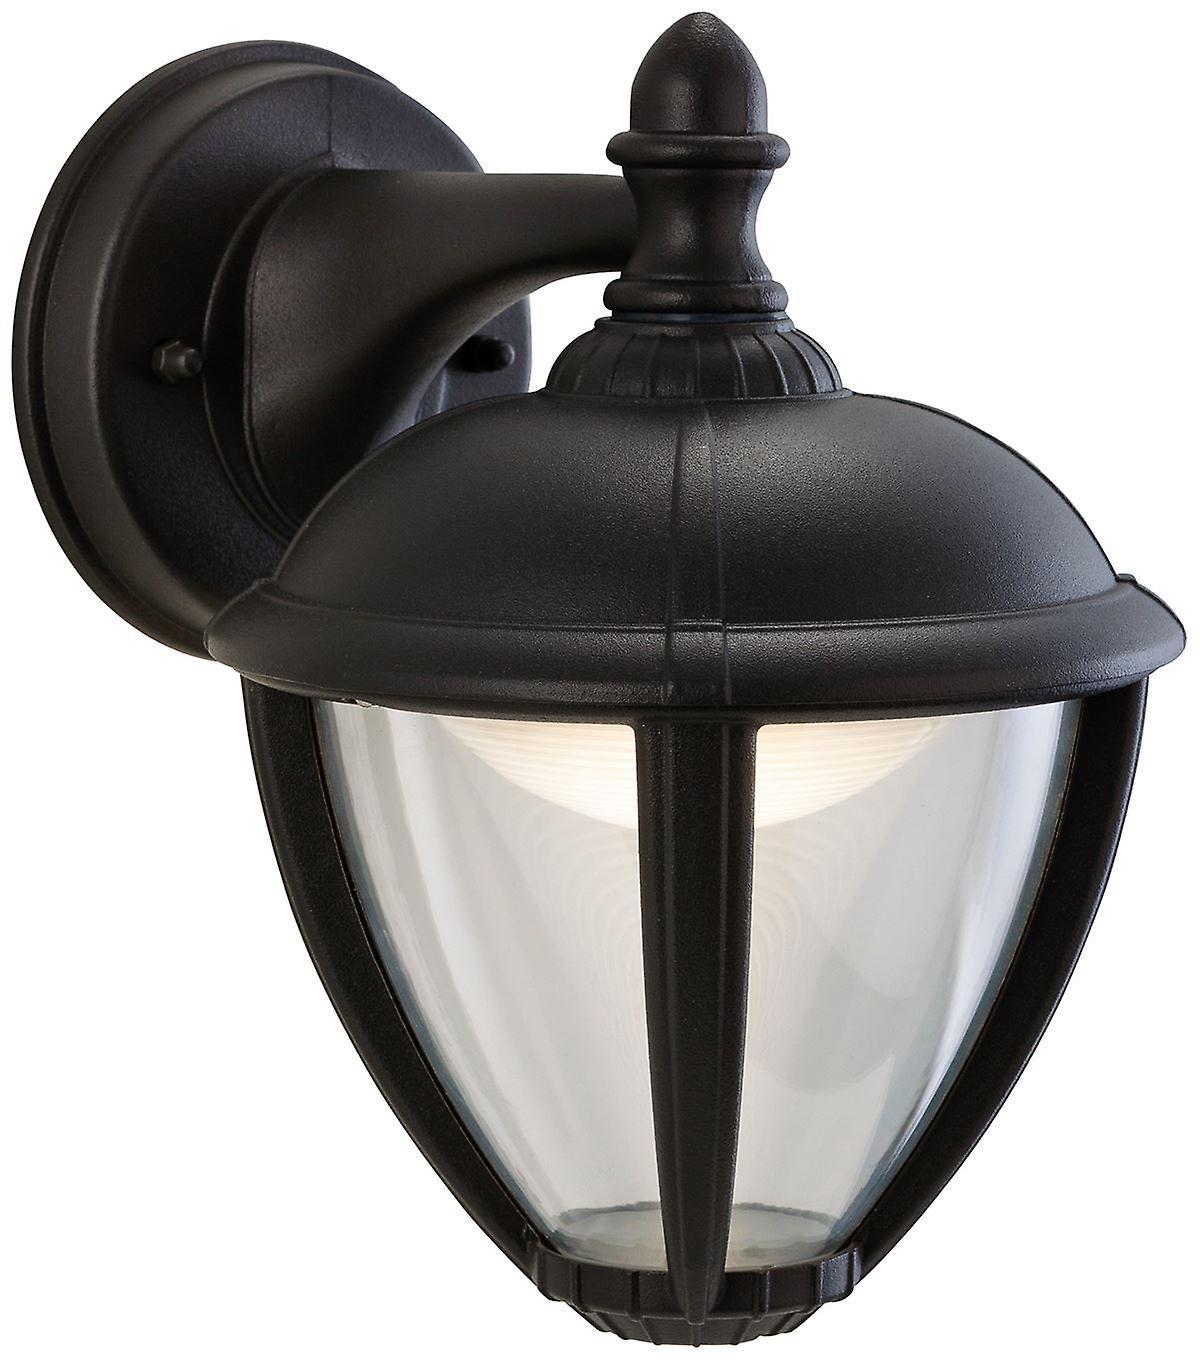 Firstlumière - LED de plein air lanterne murale Downlumière noir IP44 - 3401BK